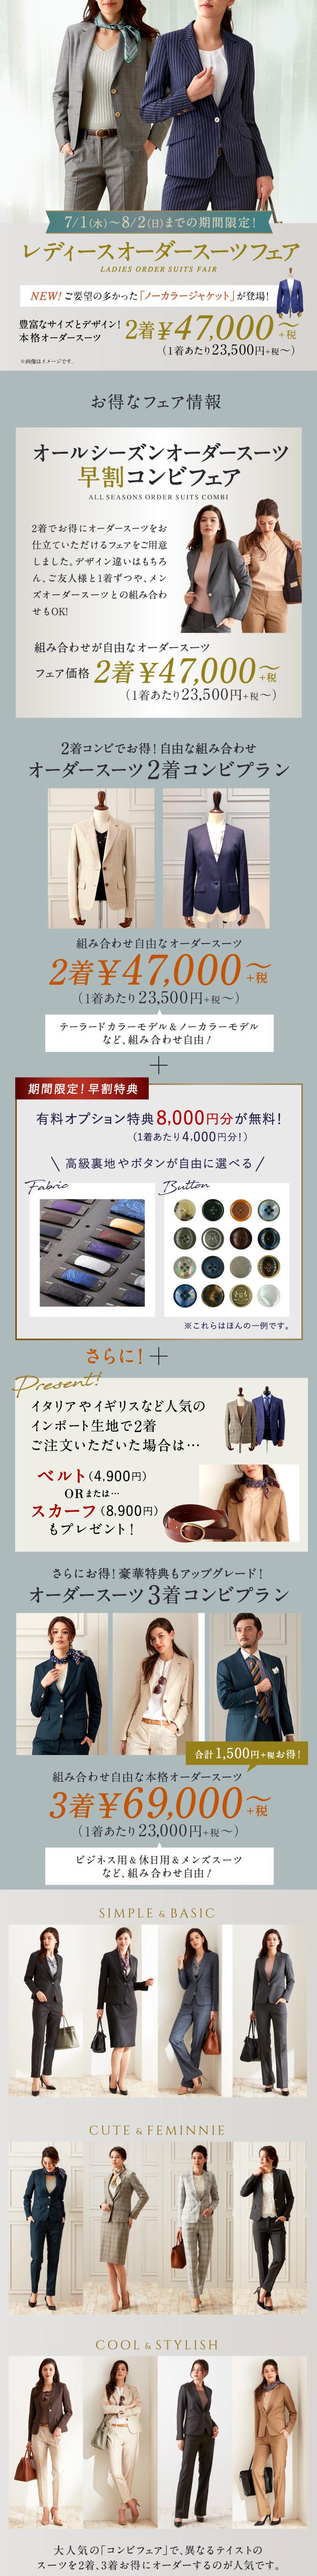 オプション特典「8,000円分」+ベルトorスカーフプレゼント!